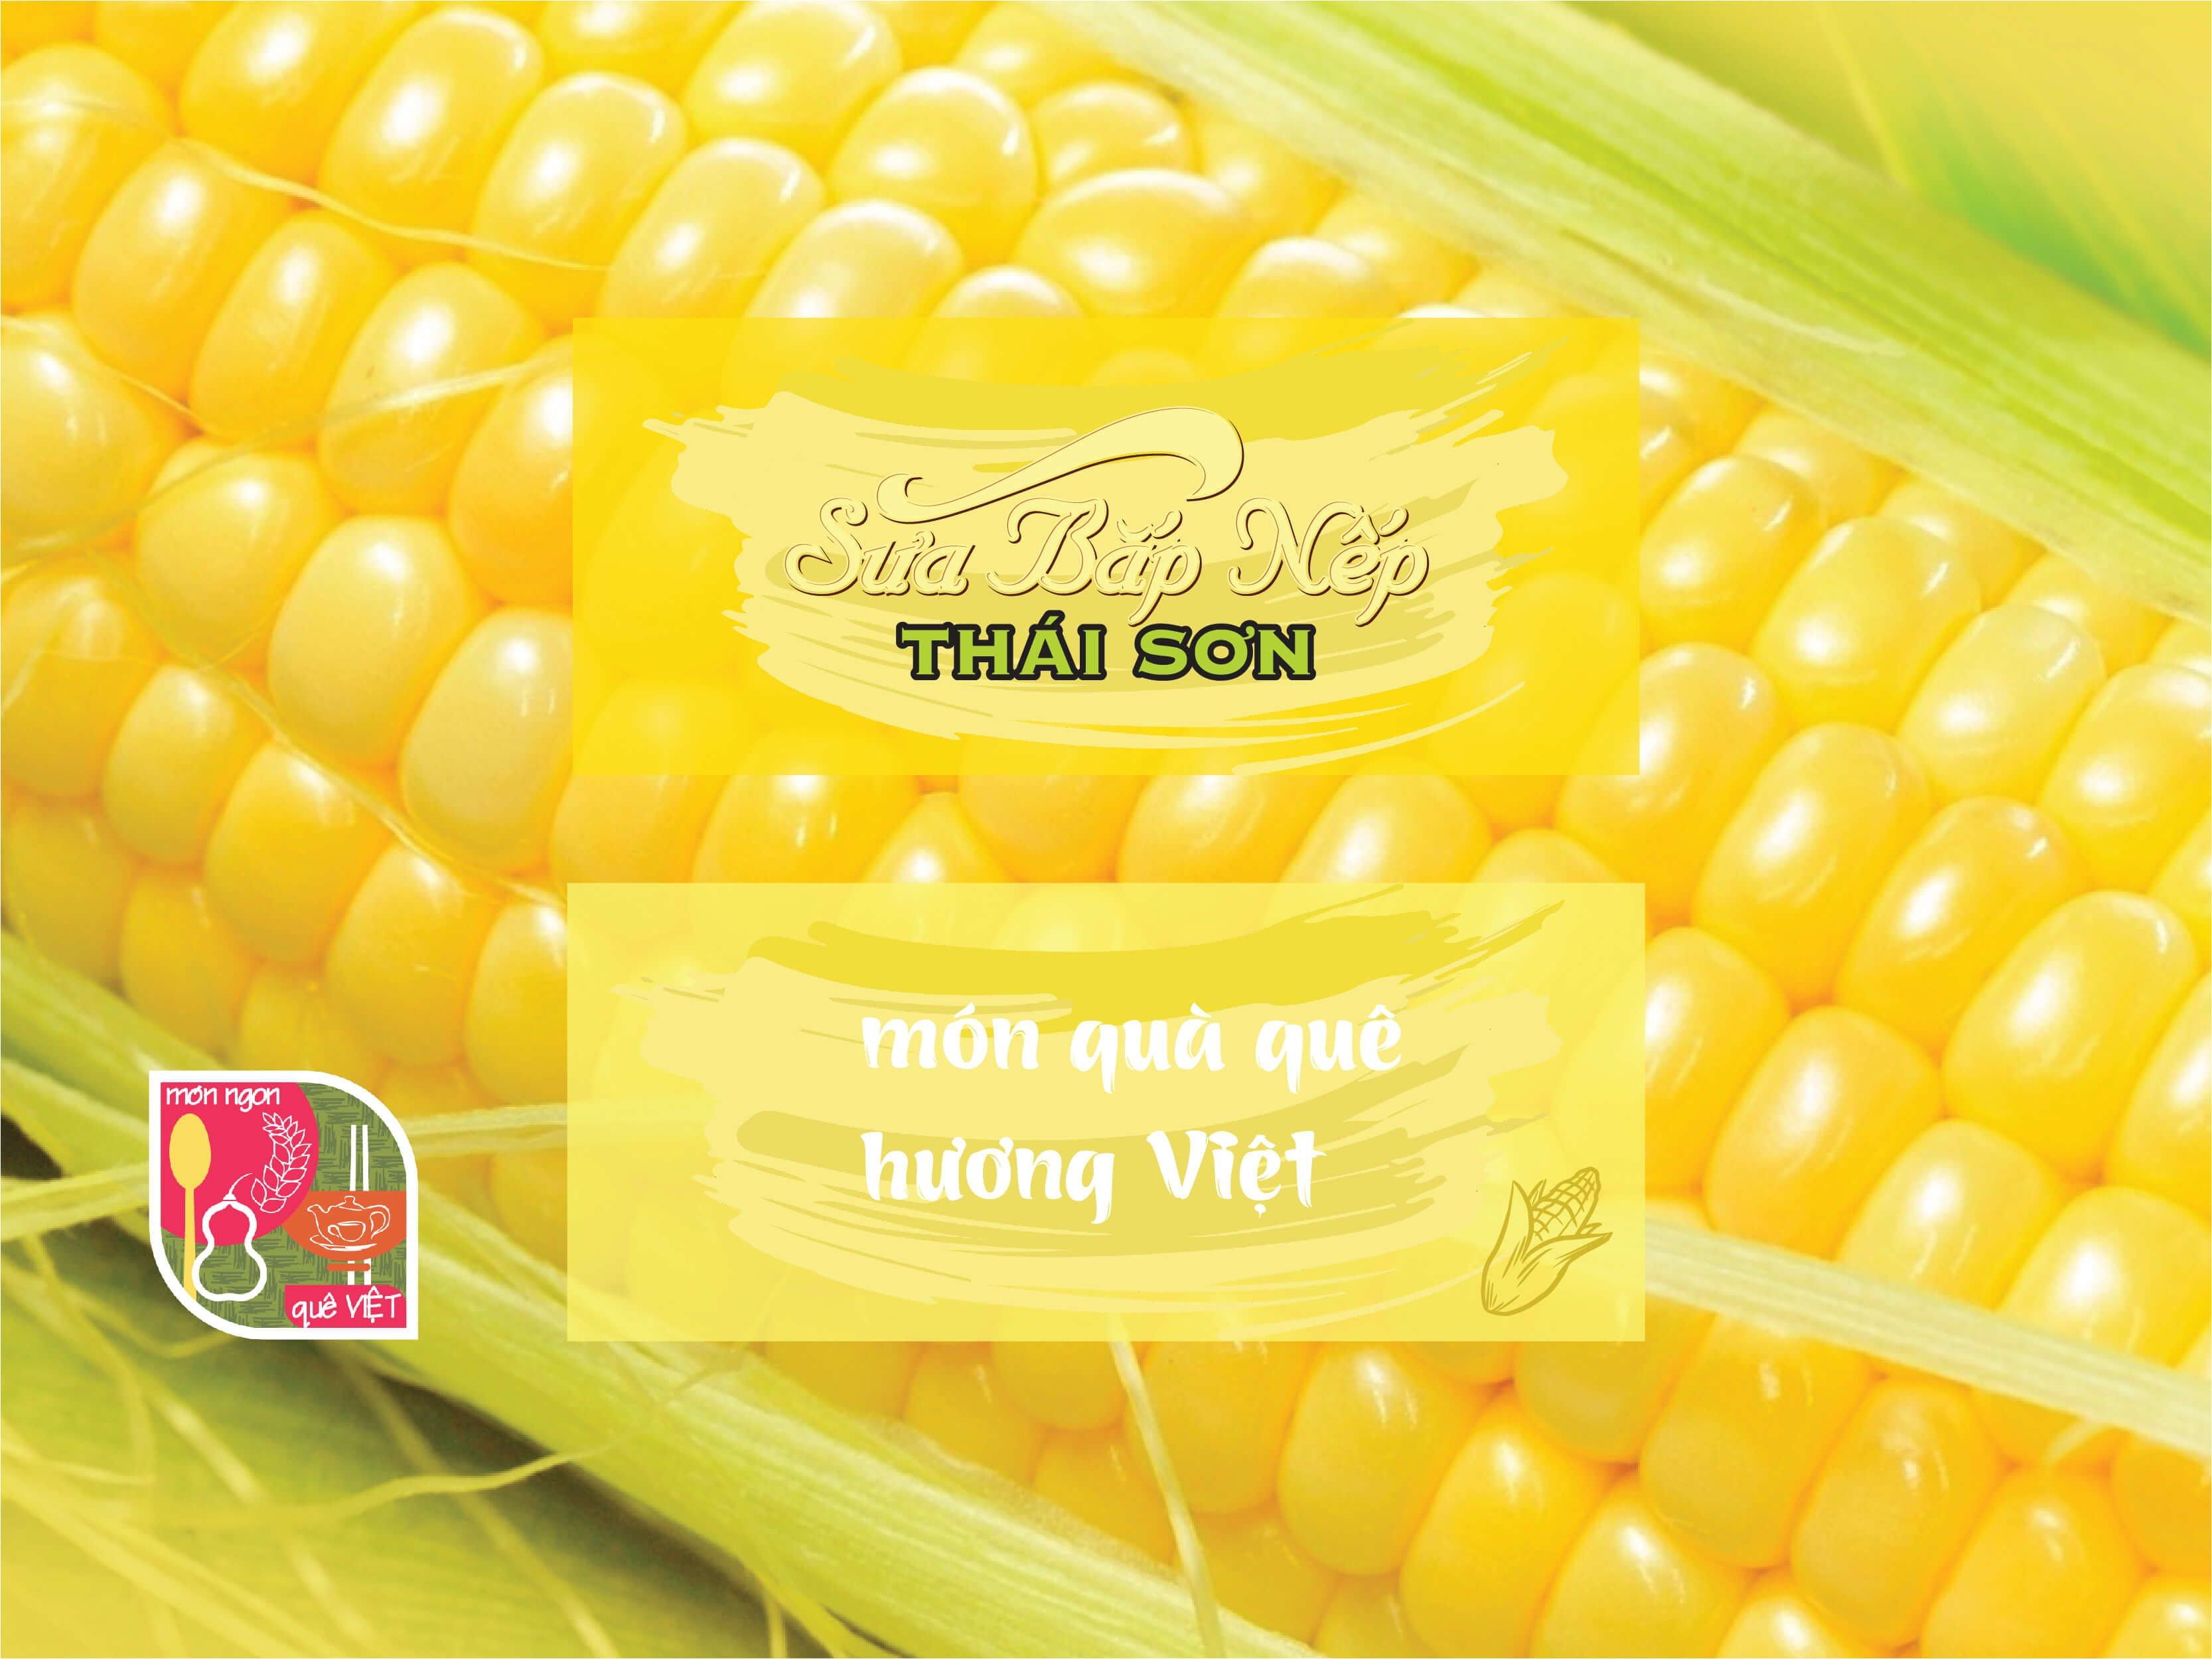 Sữa Bắp Thái Sơn - Món Ngon Quê Việt - 002